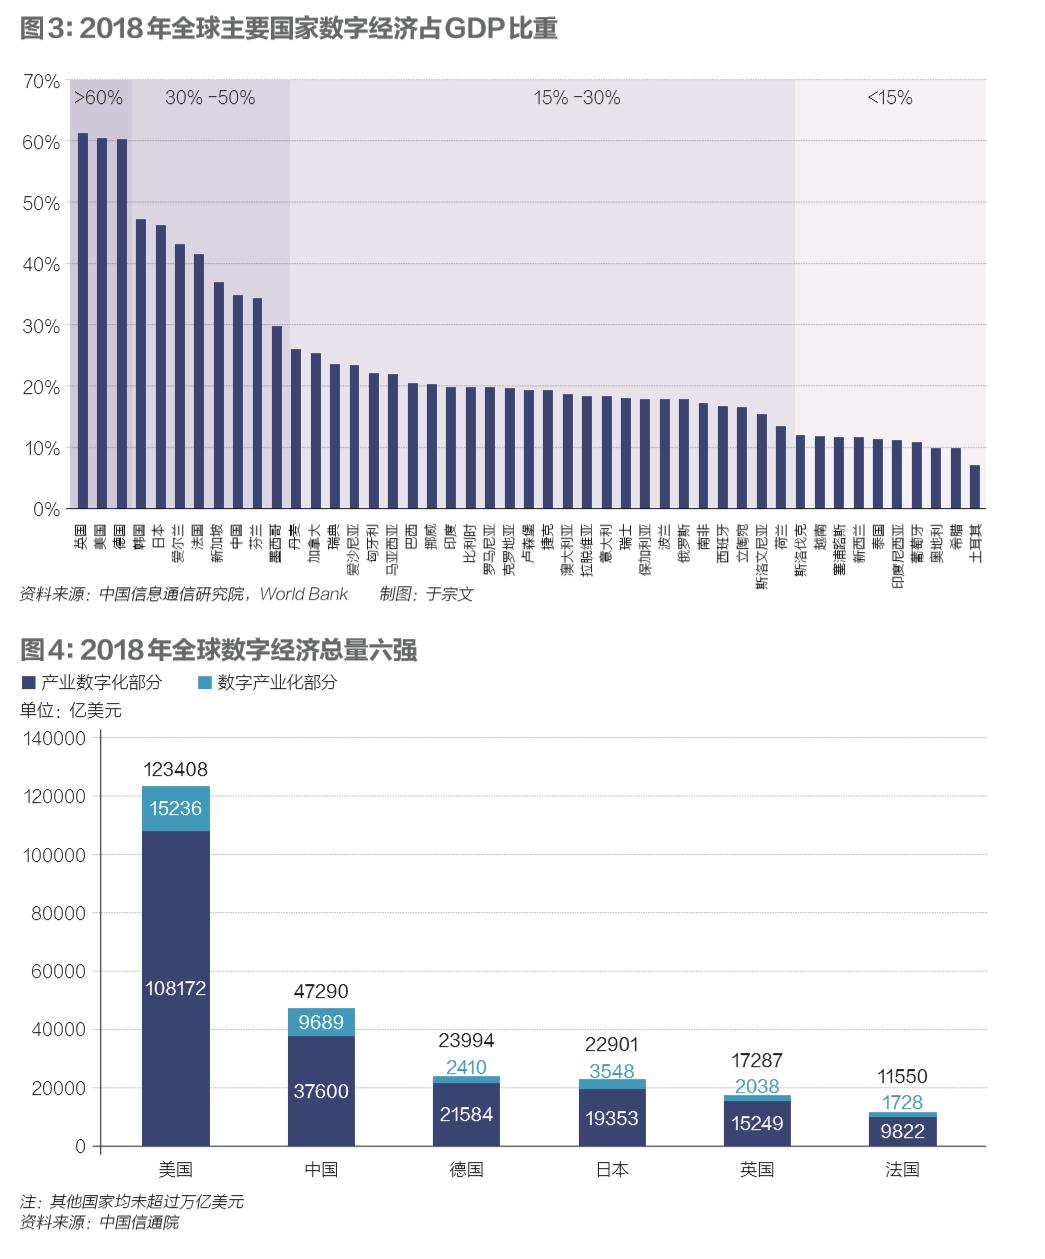 疫情之下,17万亿之上:中国数字经济如何裂变插图(4)